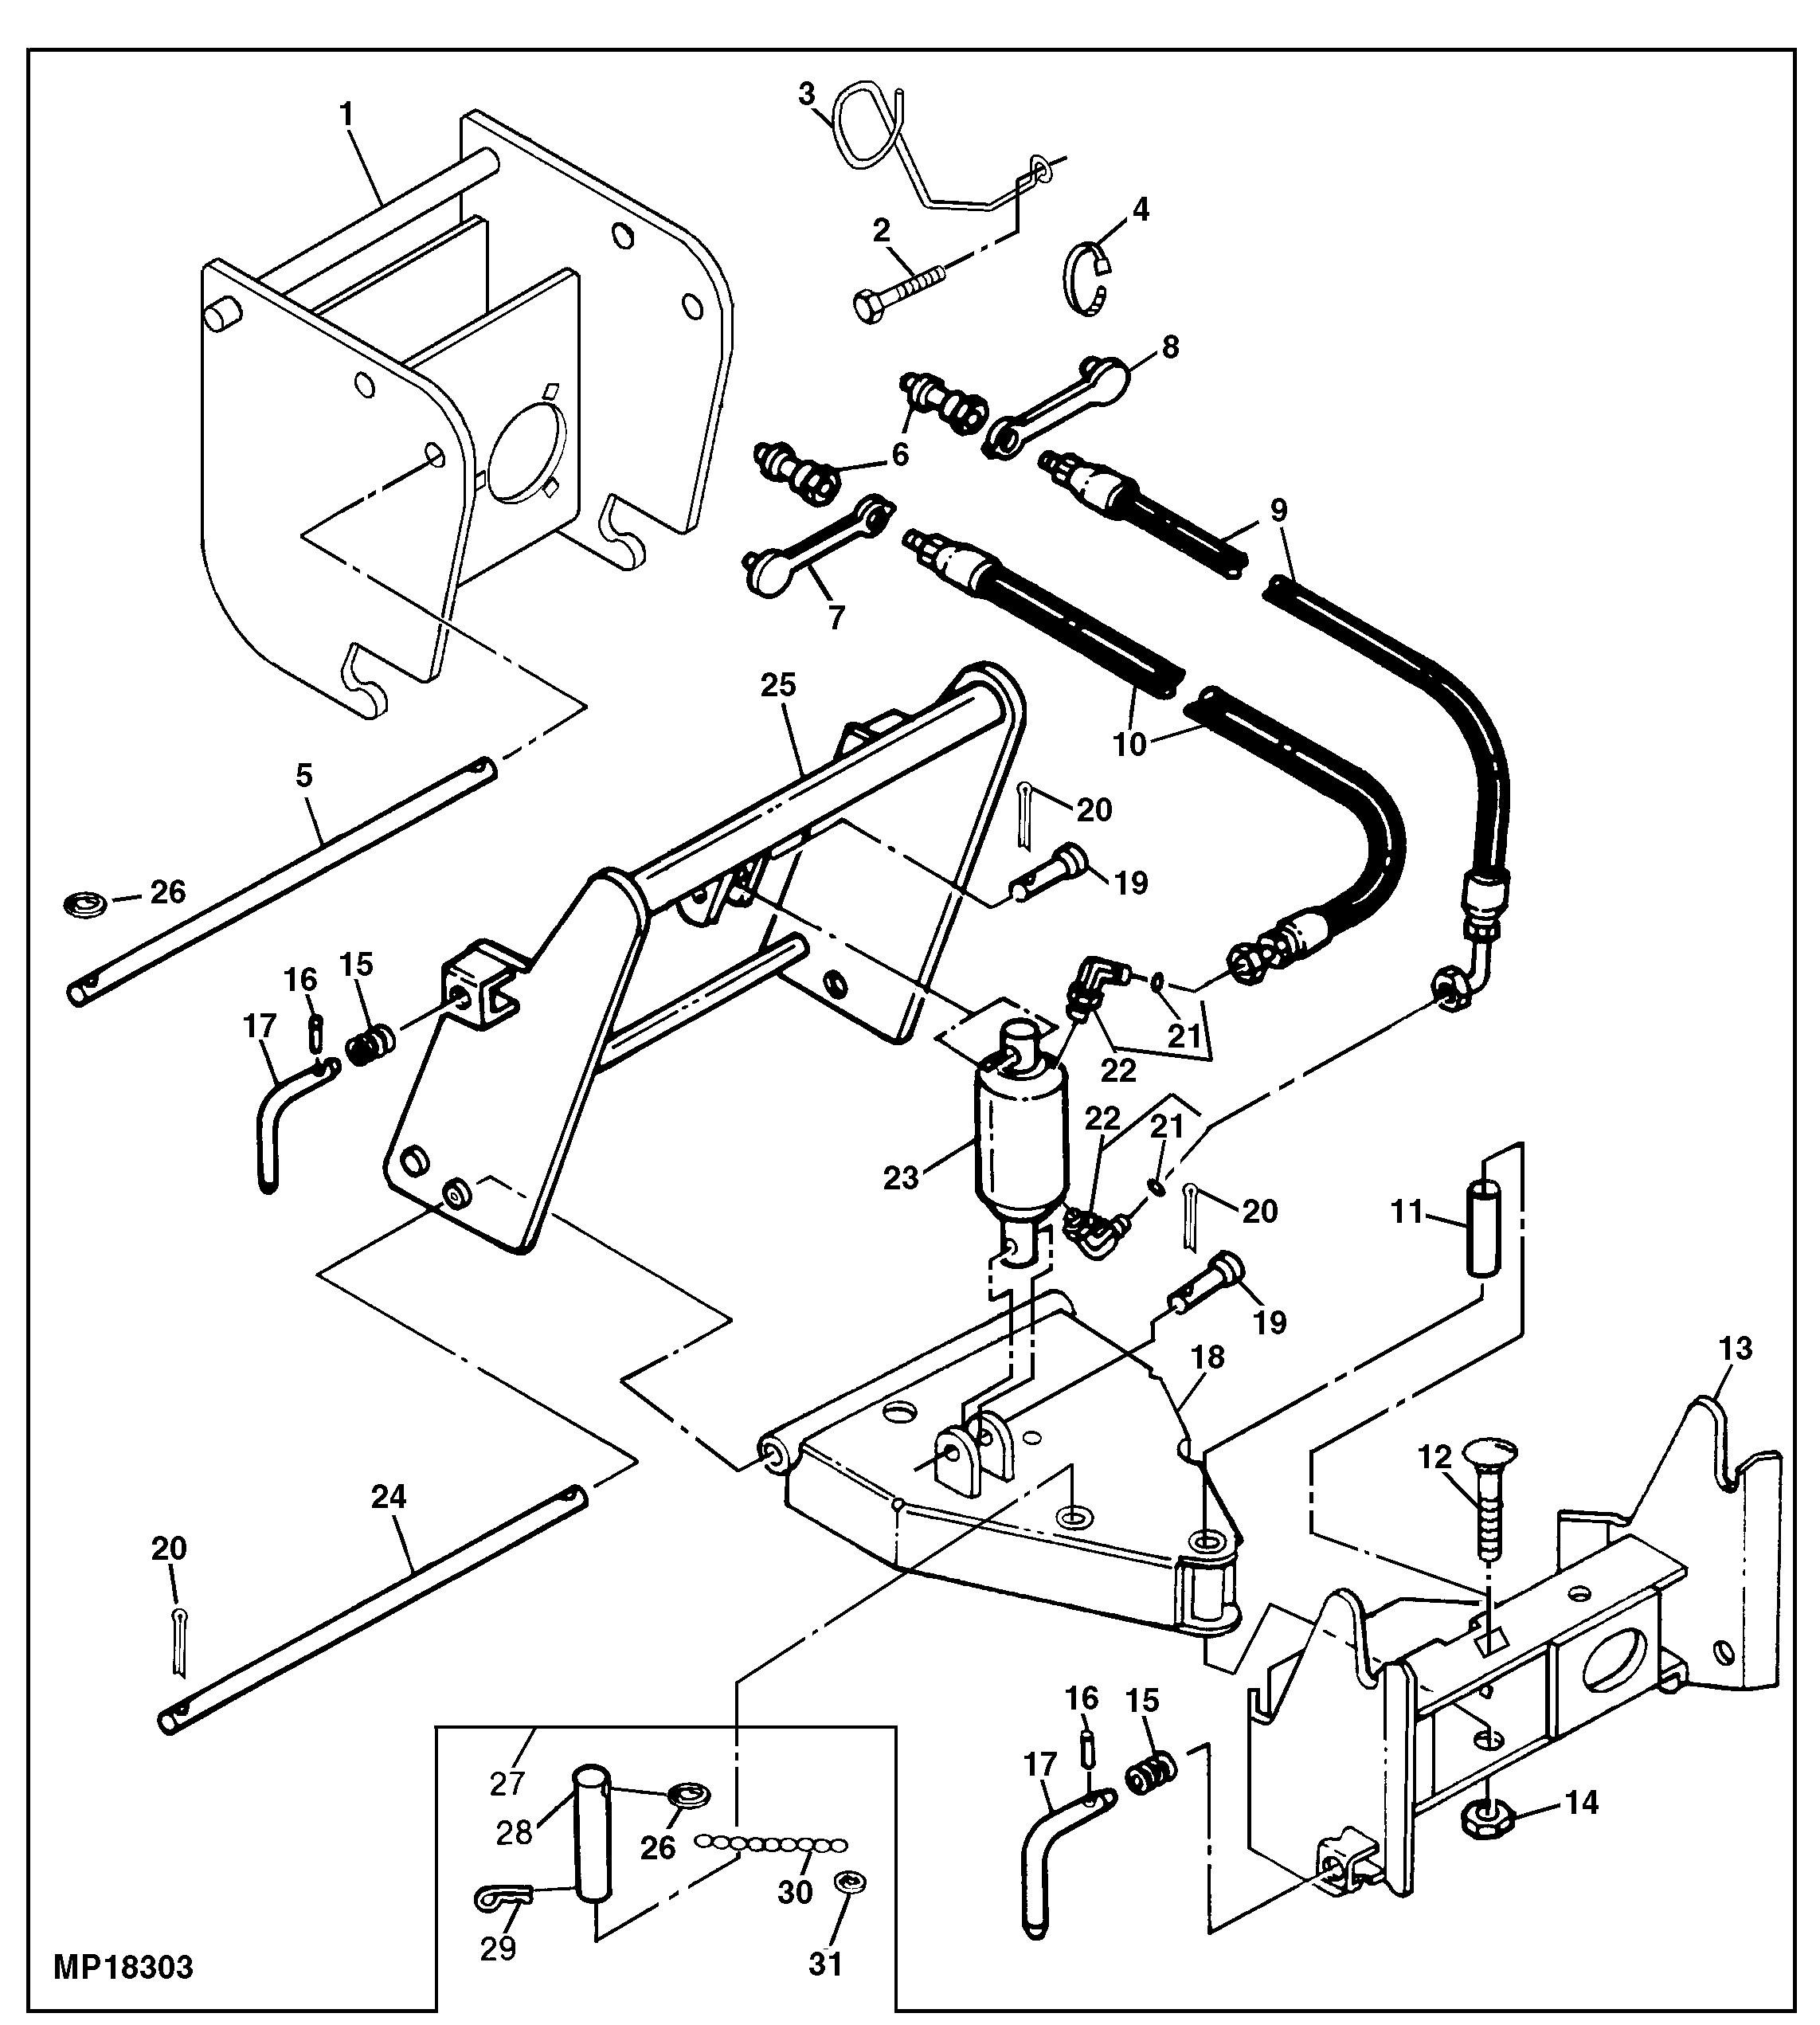 Ditch Witch 410sx Wiring Diagram [diagram] Es 345 Wiring Diagram Of Ditch Witch 410sx Wiring Diagram